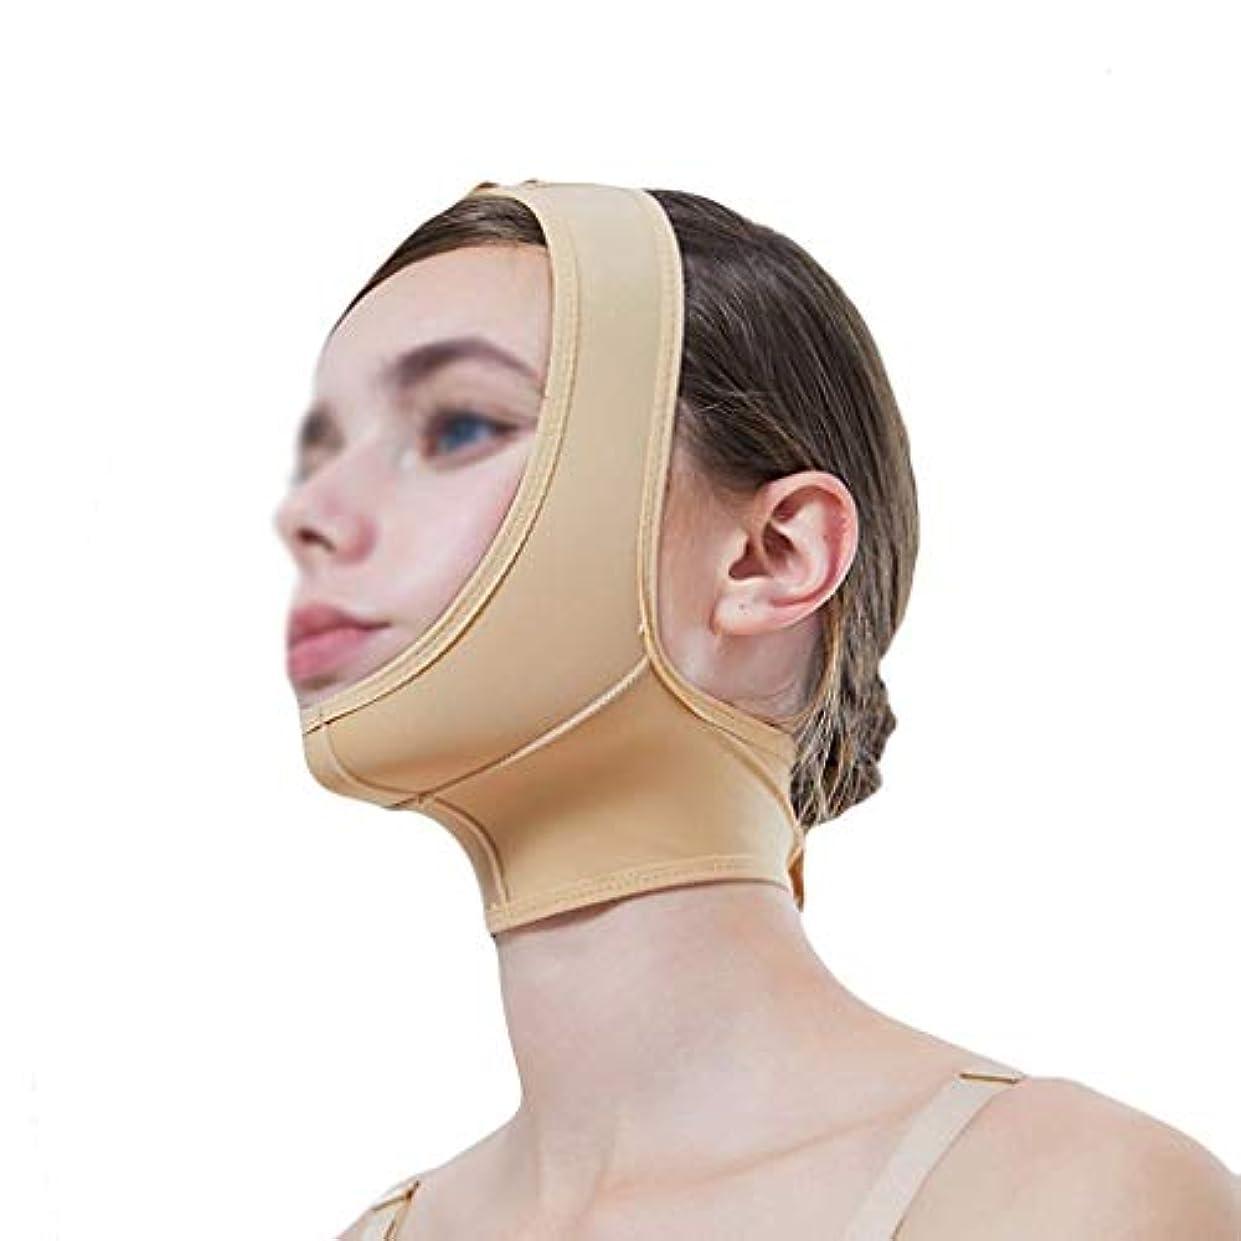 インストラクター手首アレキサンダーグラハムベルマスク、超薄型ベルト、フェイスリフティングに適し、フェイスリフティング、通気性包帯、あご取りベルト、超薄型ベルト、通気性(サイズ:XL),S